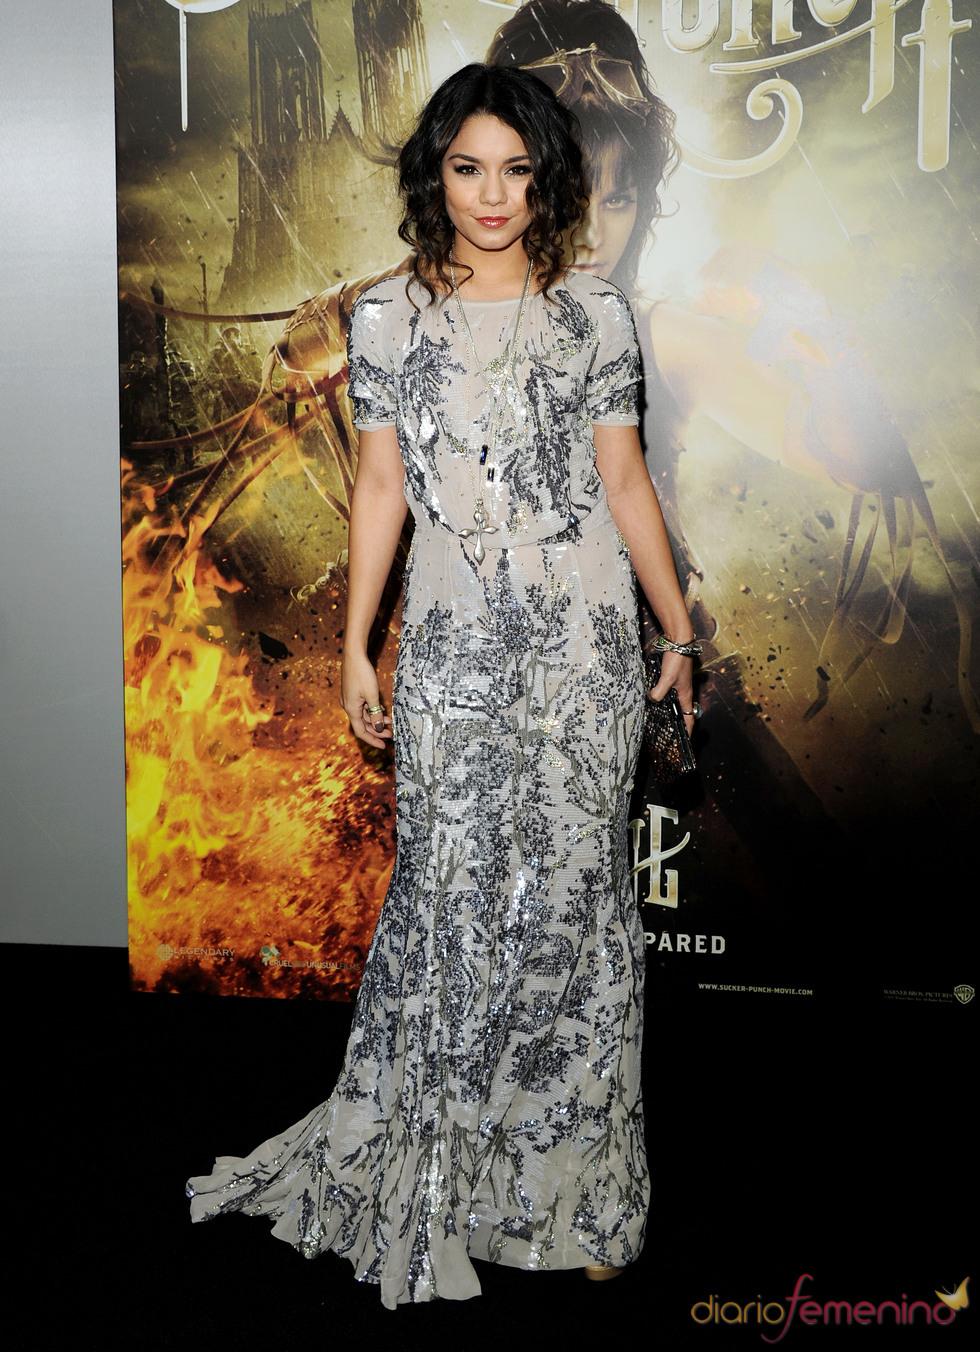 La protagonista Vanessa Hudgens en la premiere de 'Sucker Punch'